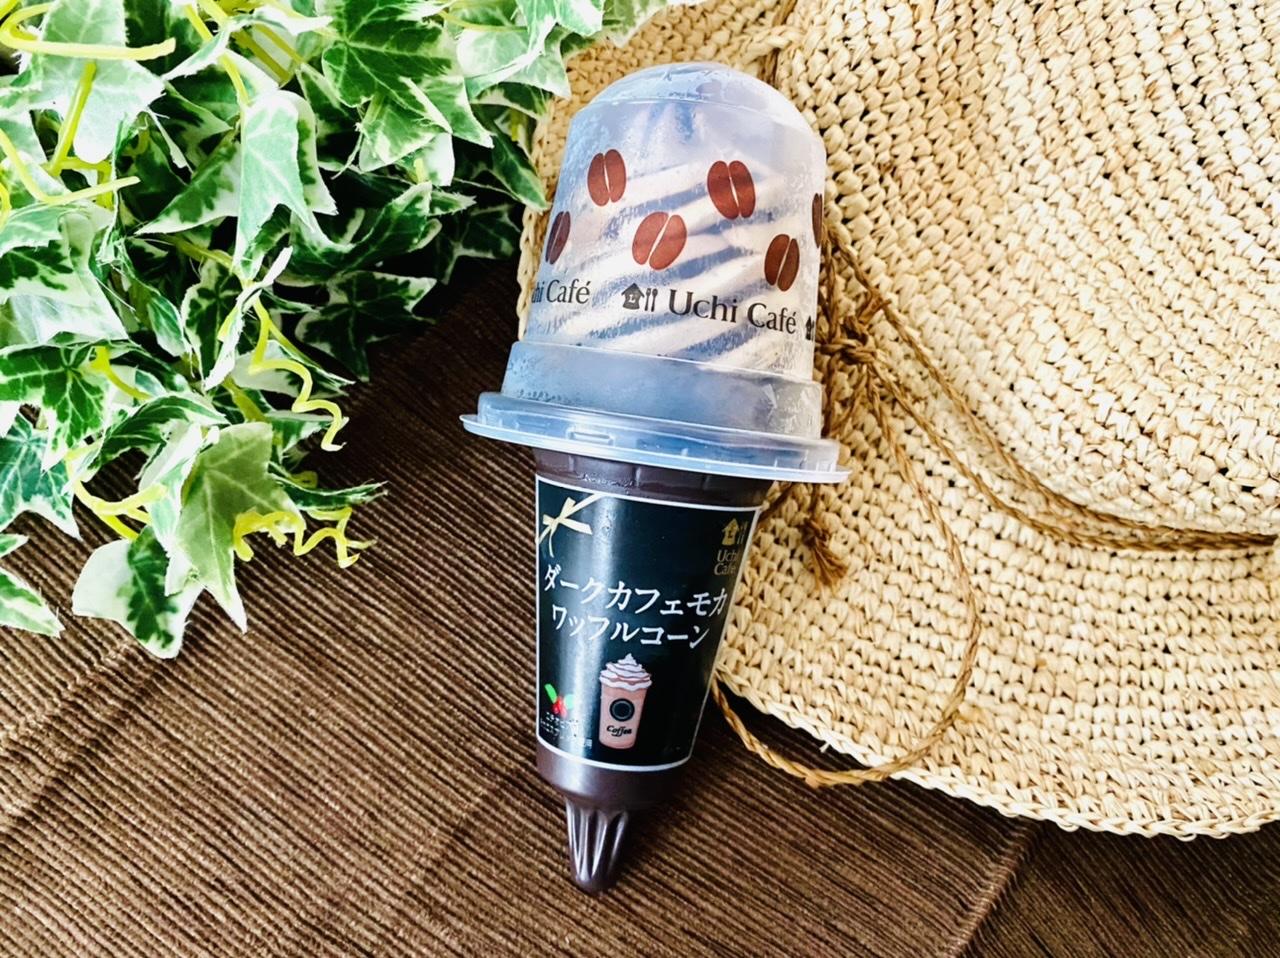 【ローソン】とんでもなく美味しい!オトナのアイス《ダークカフェモカワッフルコーン》_1